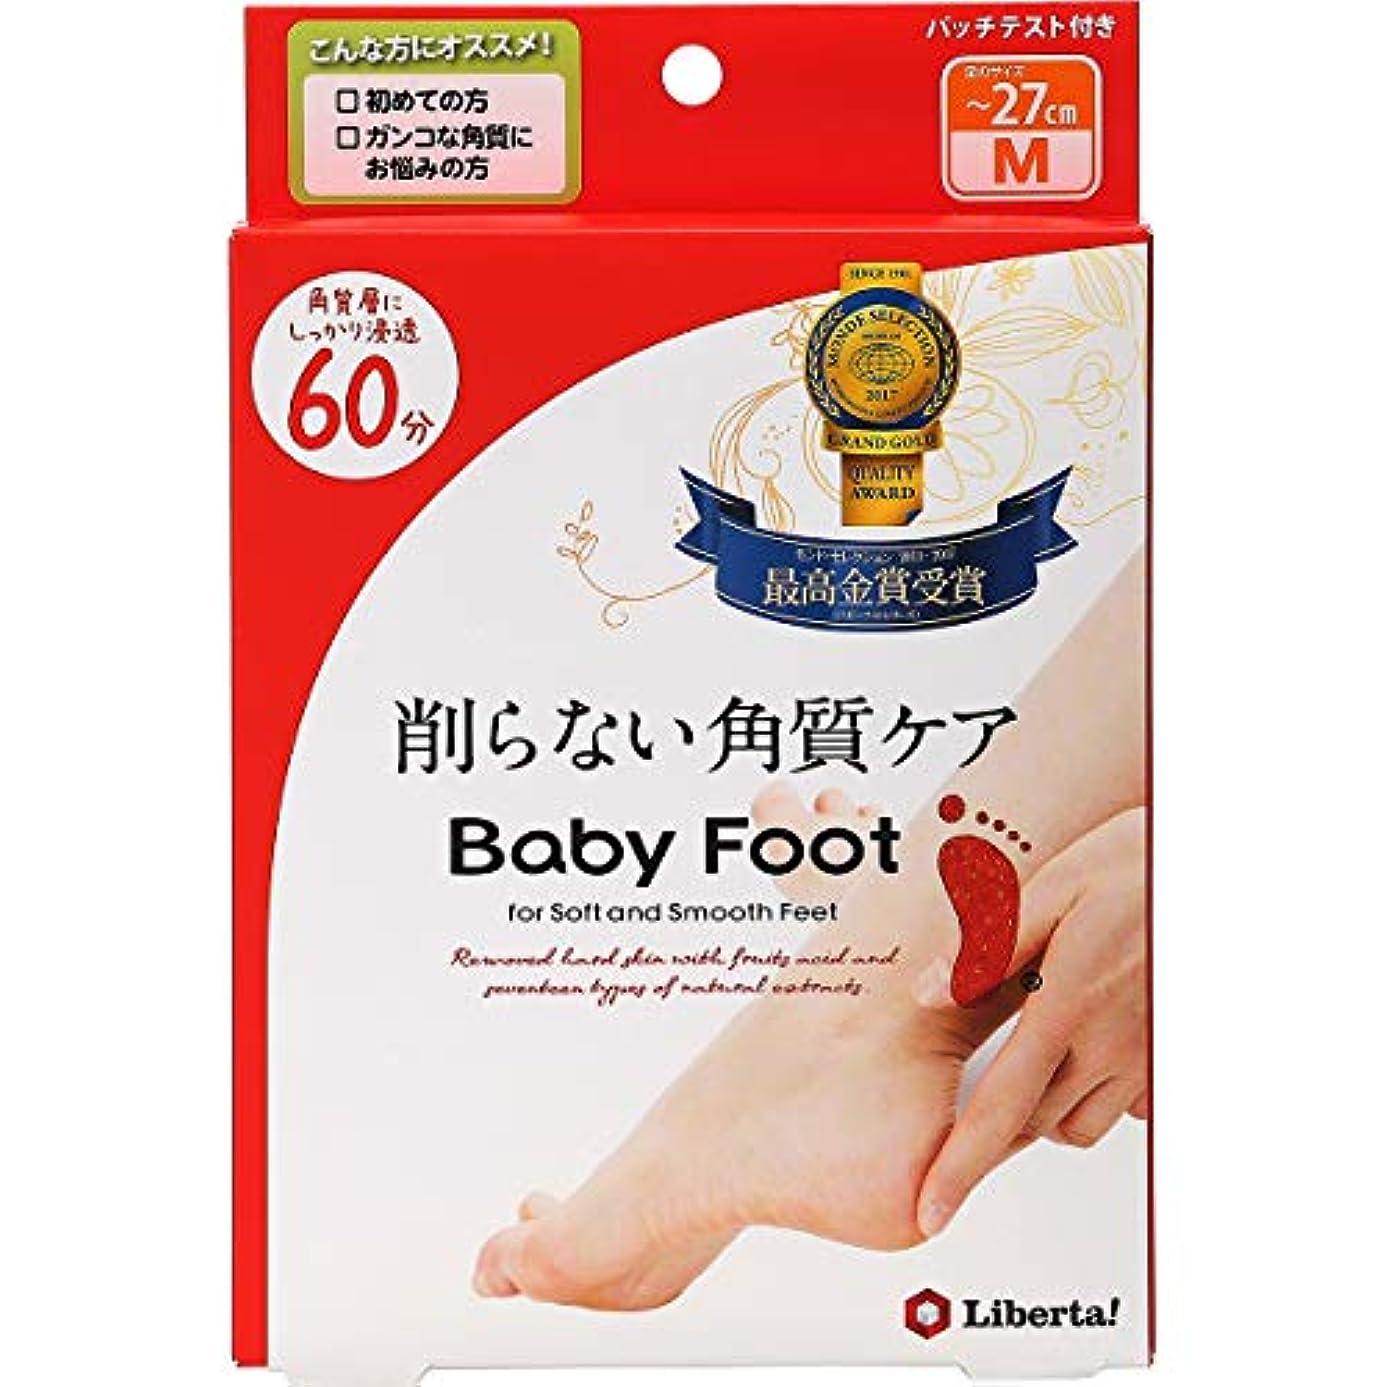 悪性腫瘍パンサーあまりにもベビーフット (Baby Foot) ベビーフット イージーパック SPT60分タイプ Mサイズ 単品